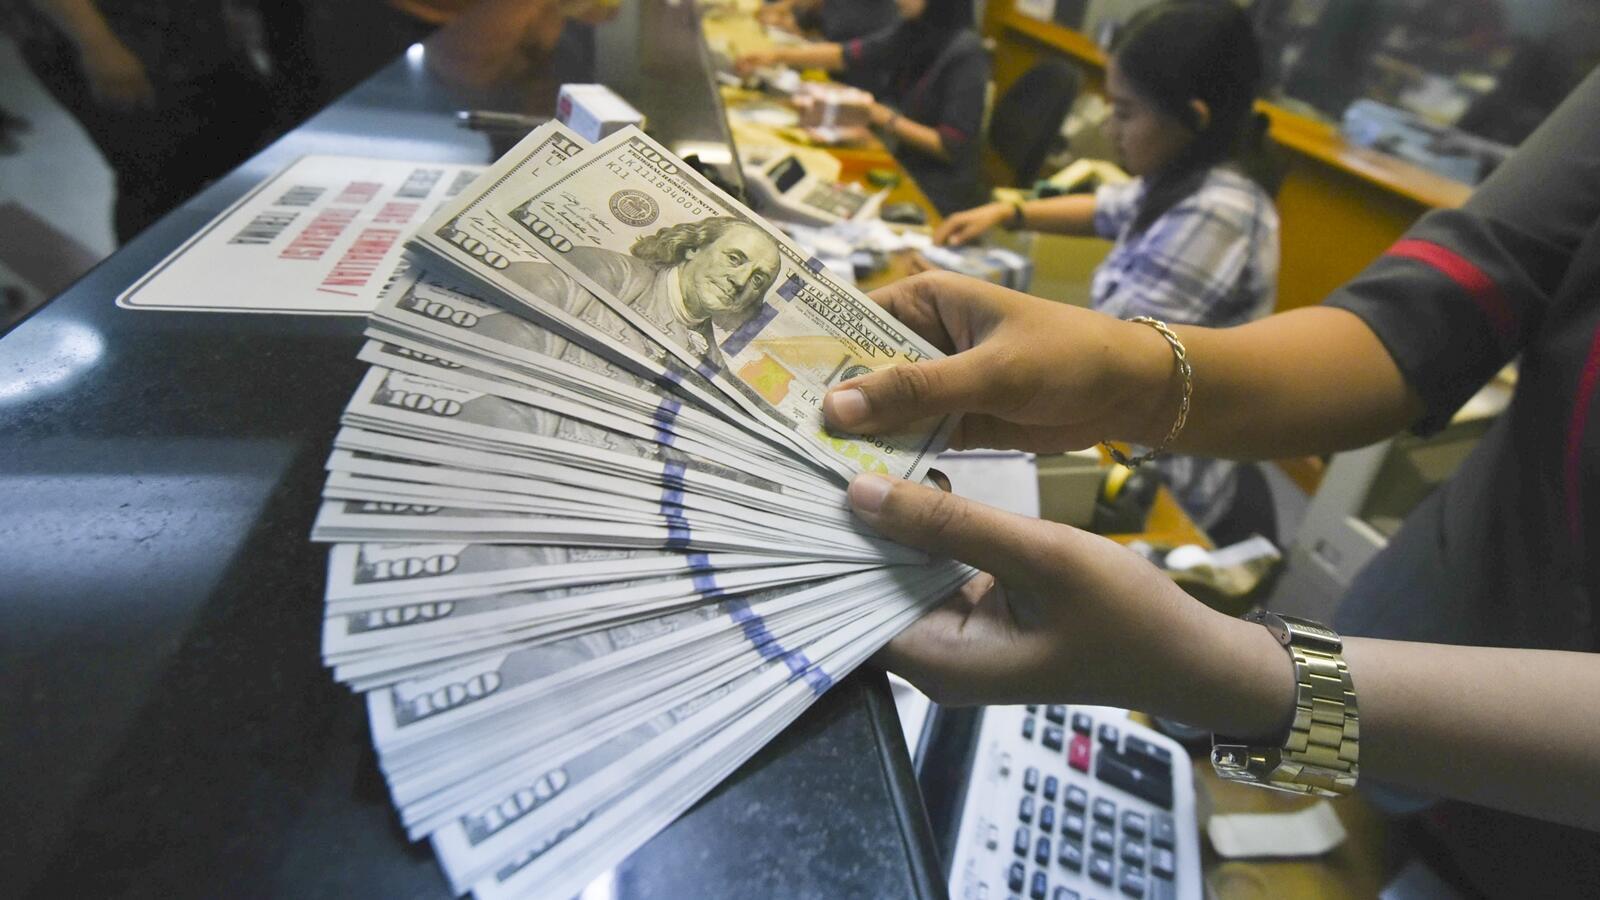 Dolar AS Menguat, Investor Asing Hitung Ulang Portofolio Investasi